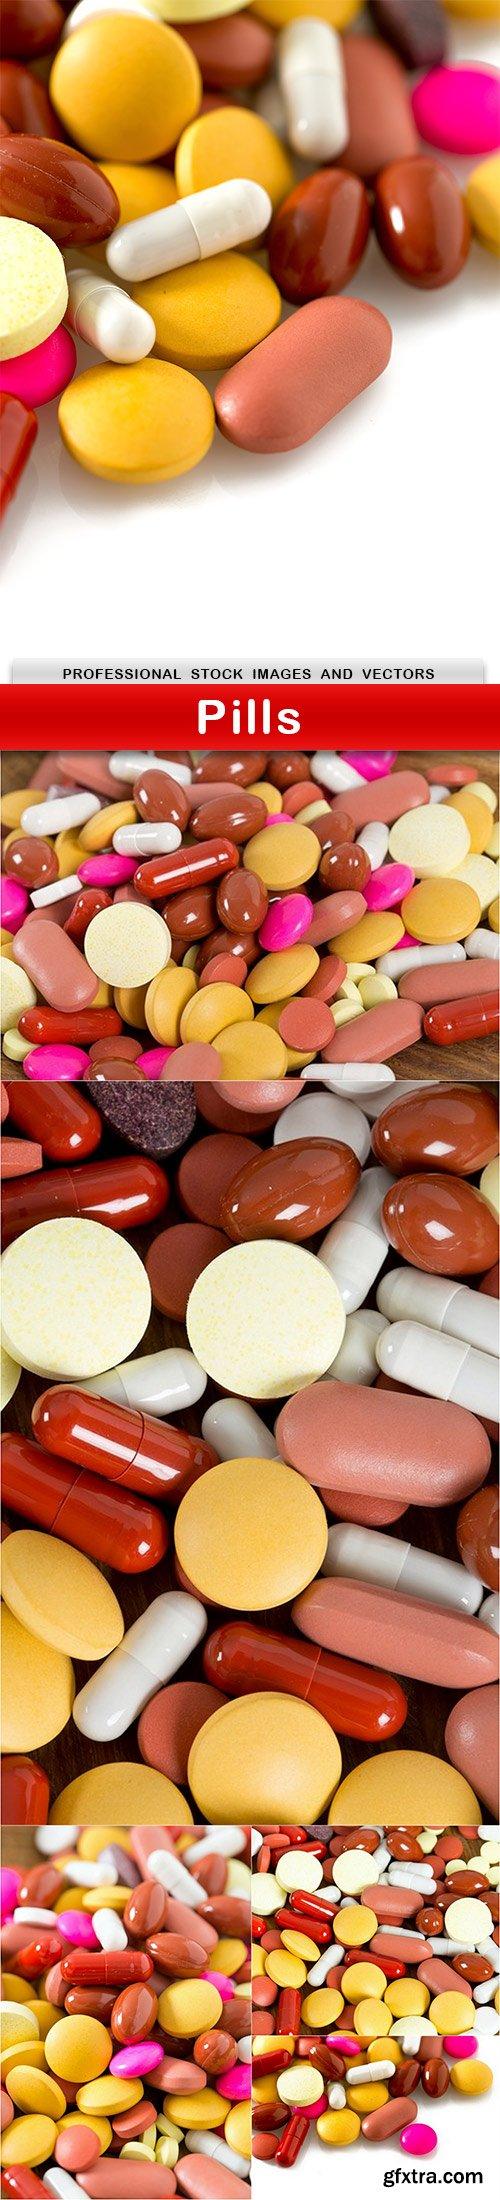 Pills - 6 UHQ JPEG